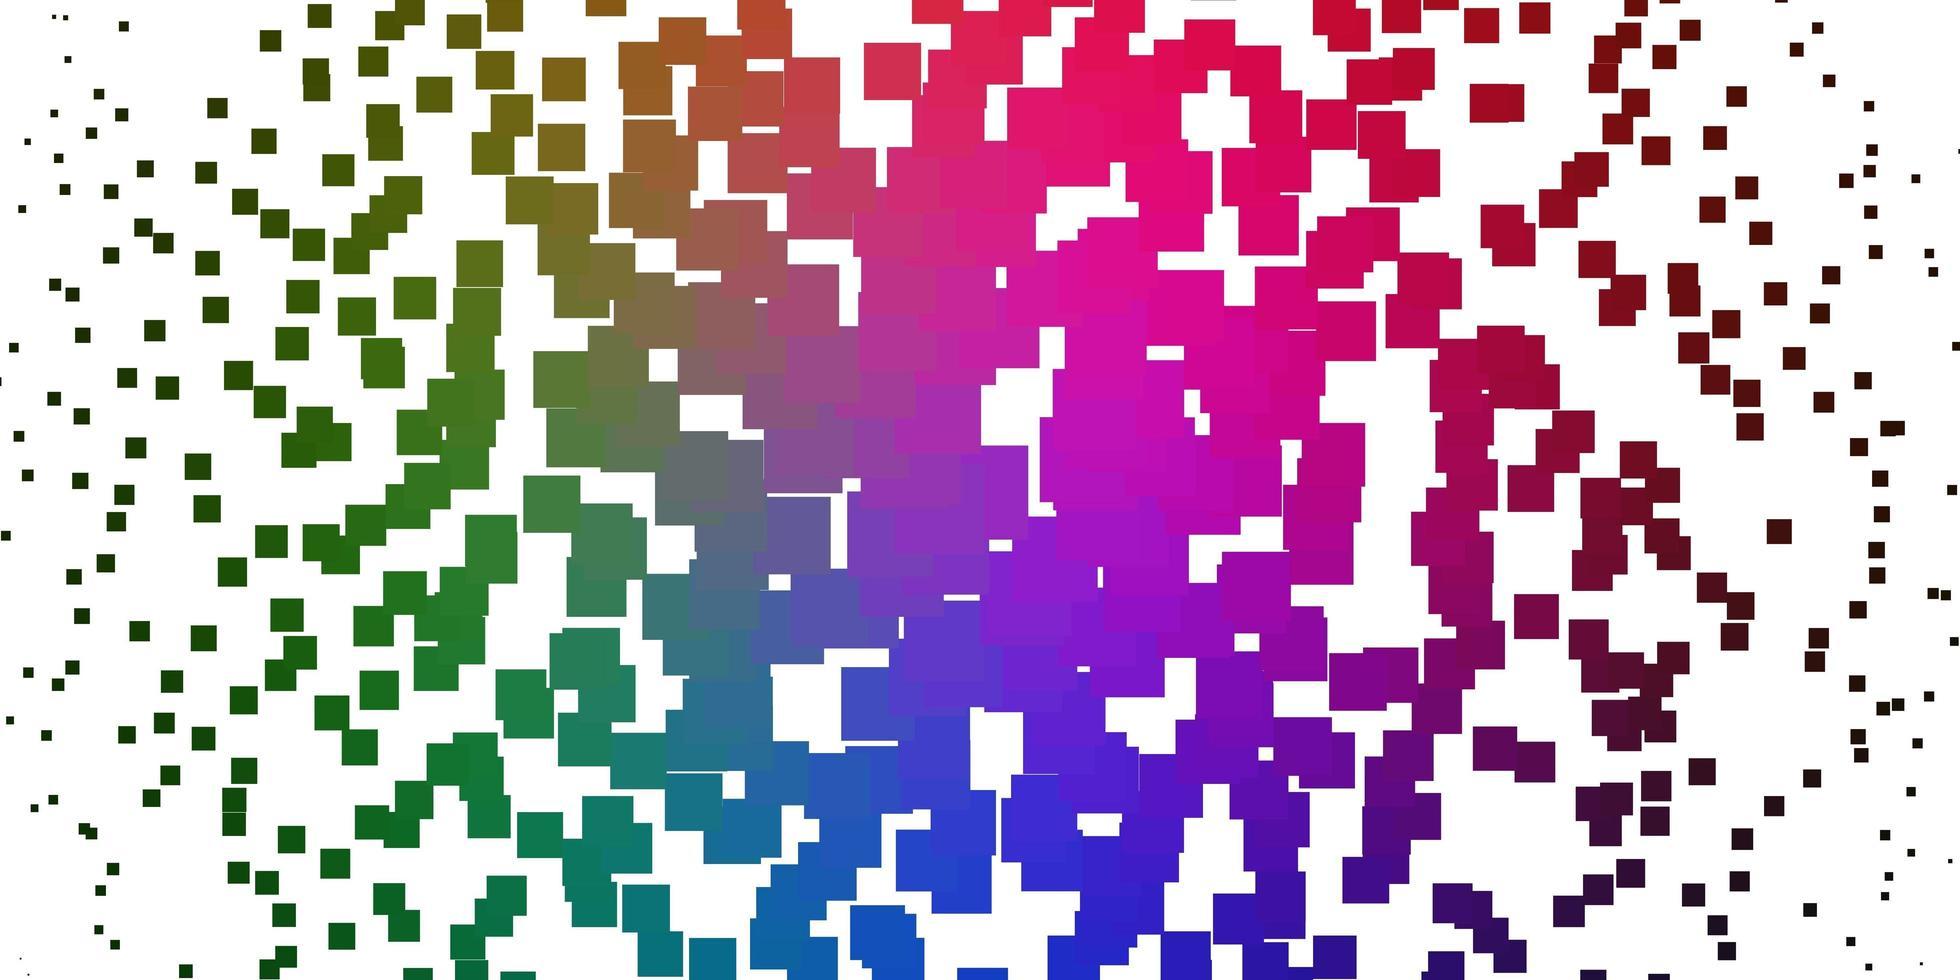 ljusrosa, grön vektormall med rektanglar. vektor